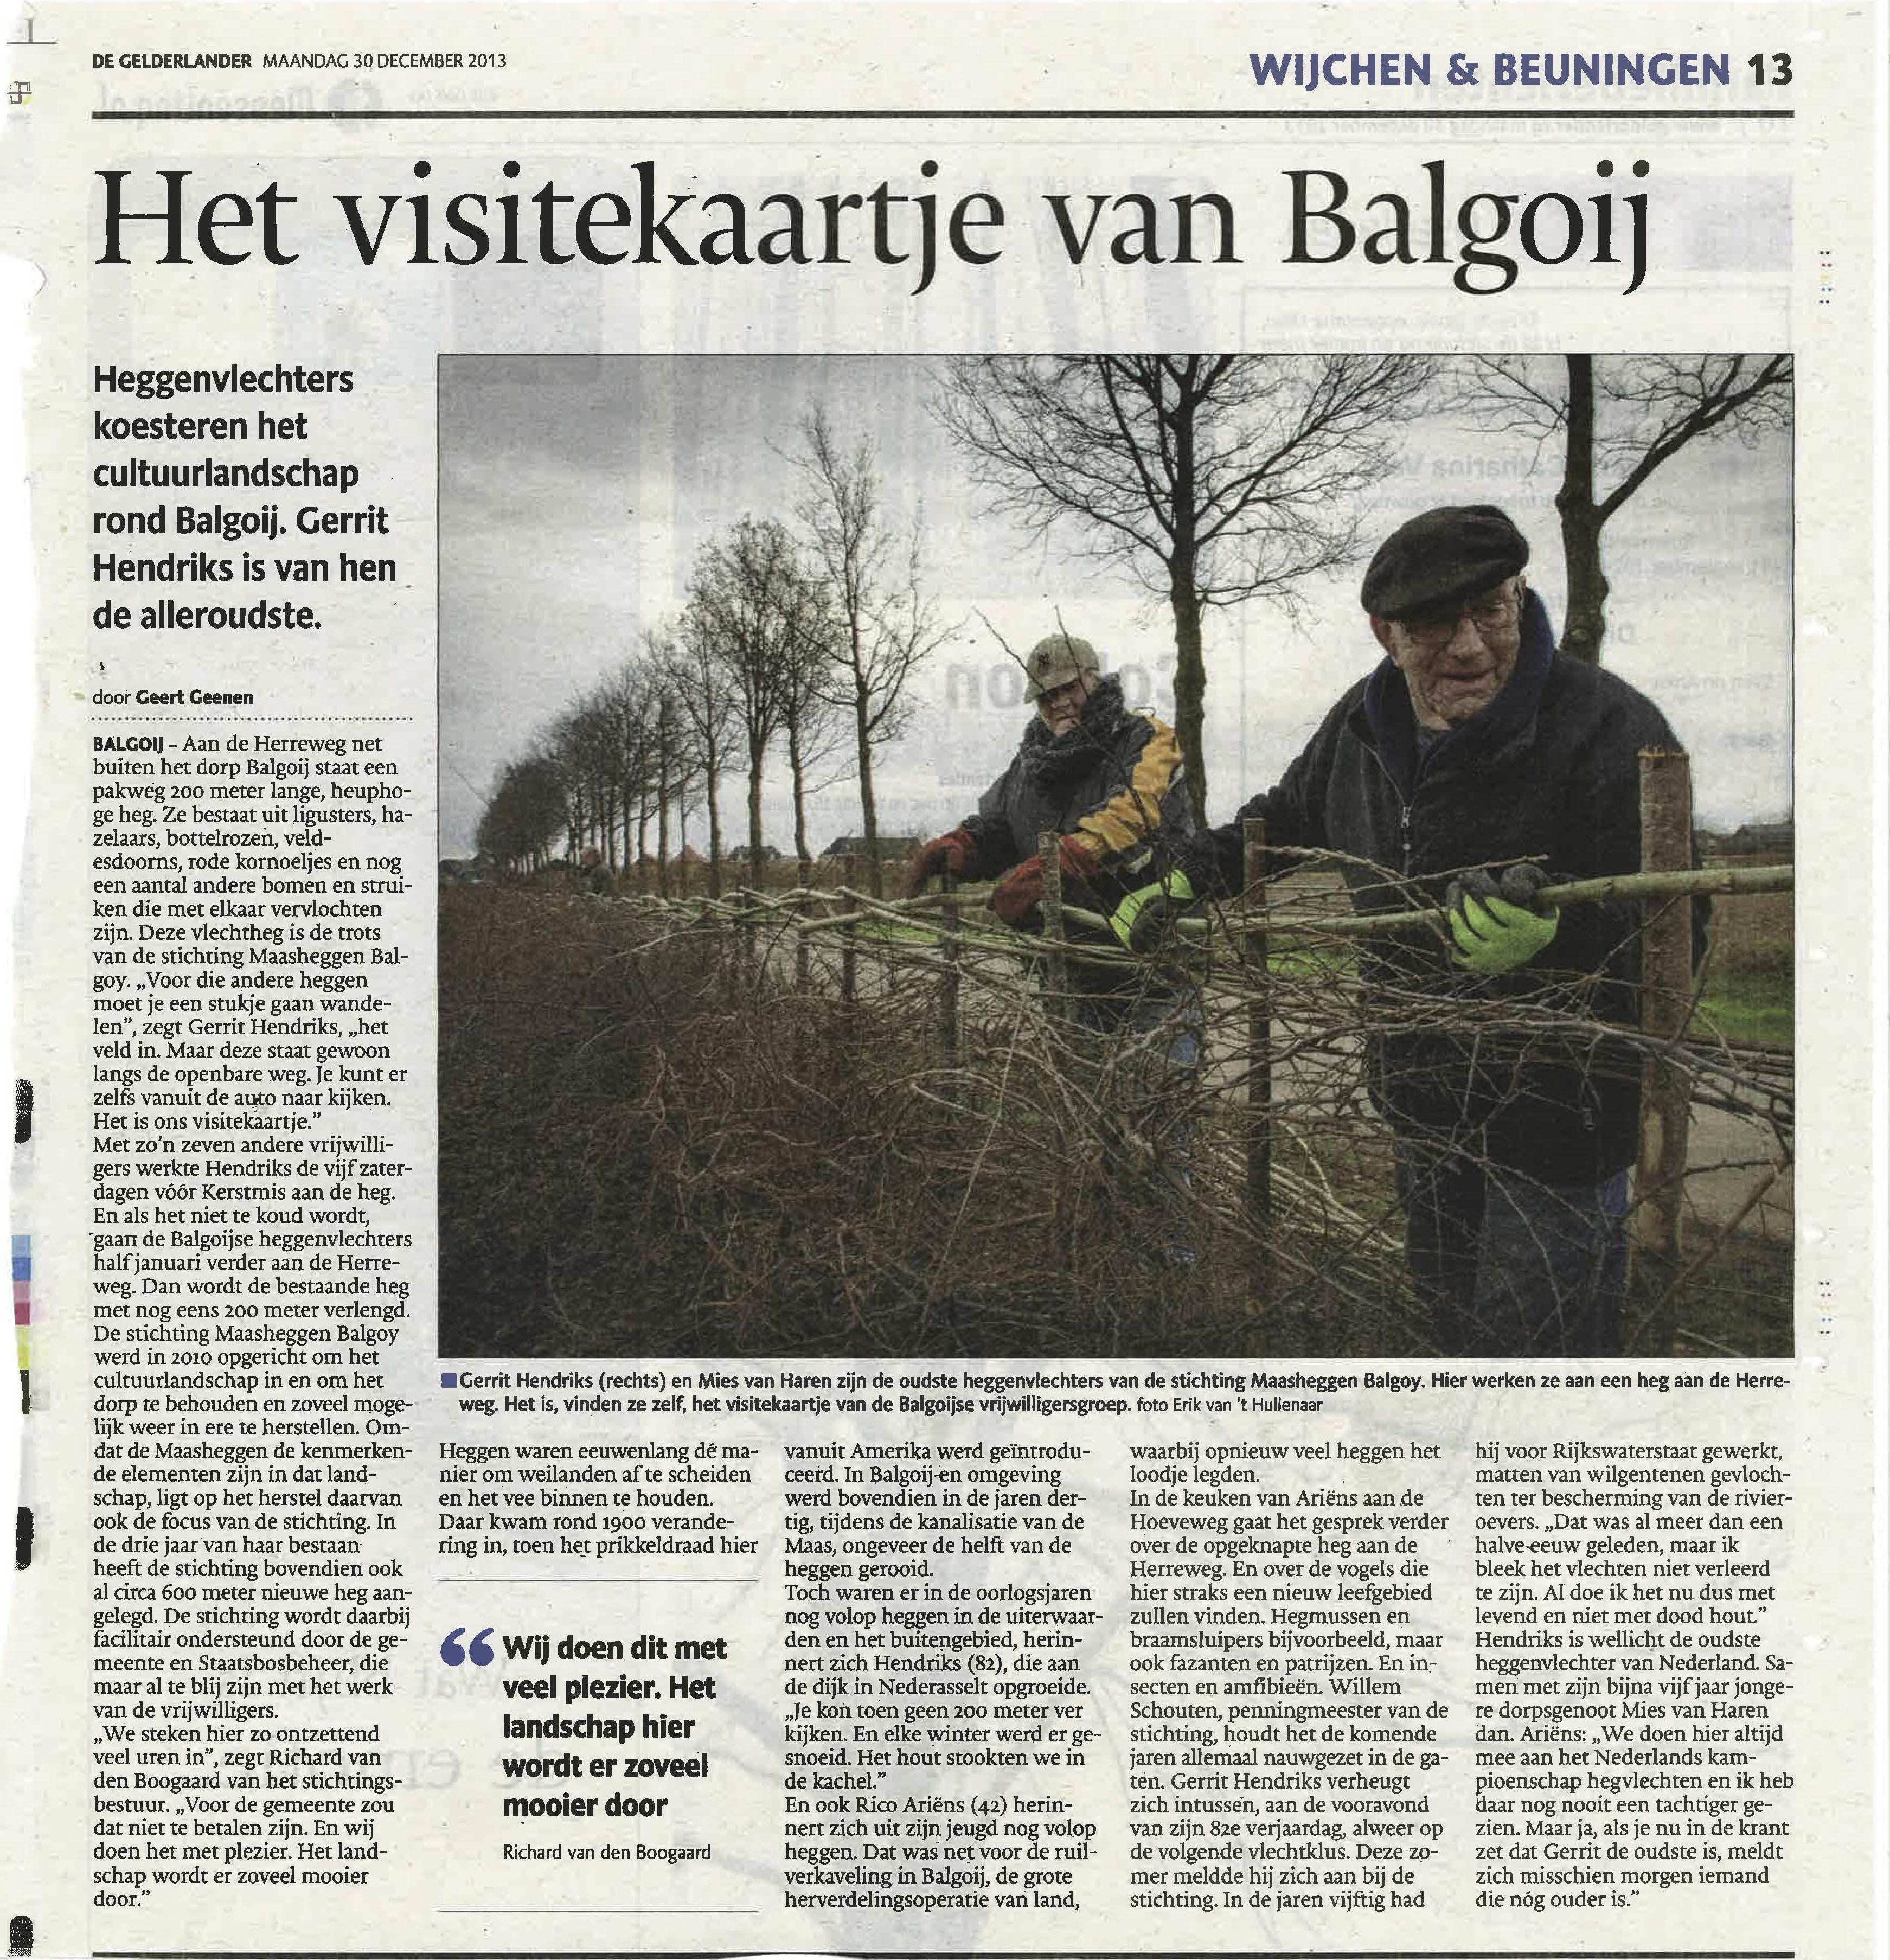 De Gelderlander, 30 dec 2013